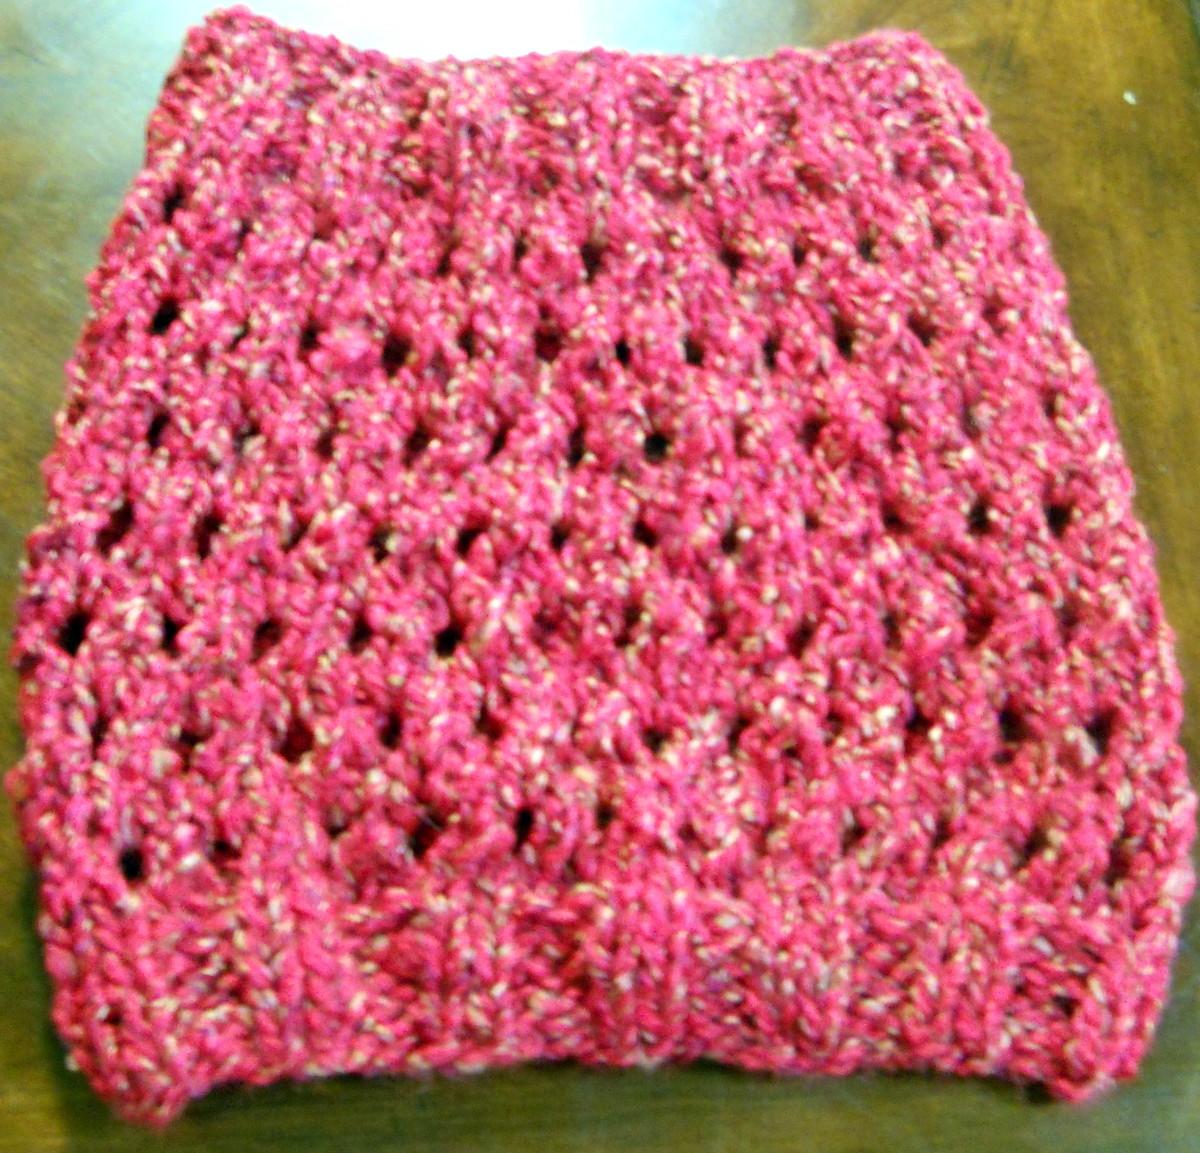 Knit it Tonight Cowl - Patterns | Yarnspirations